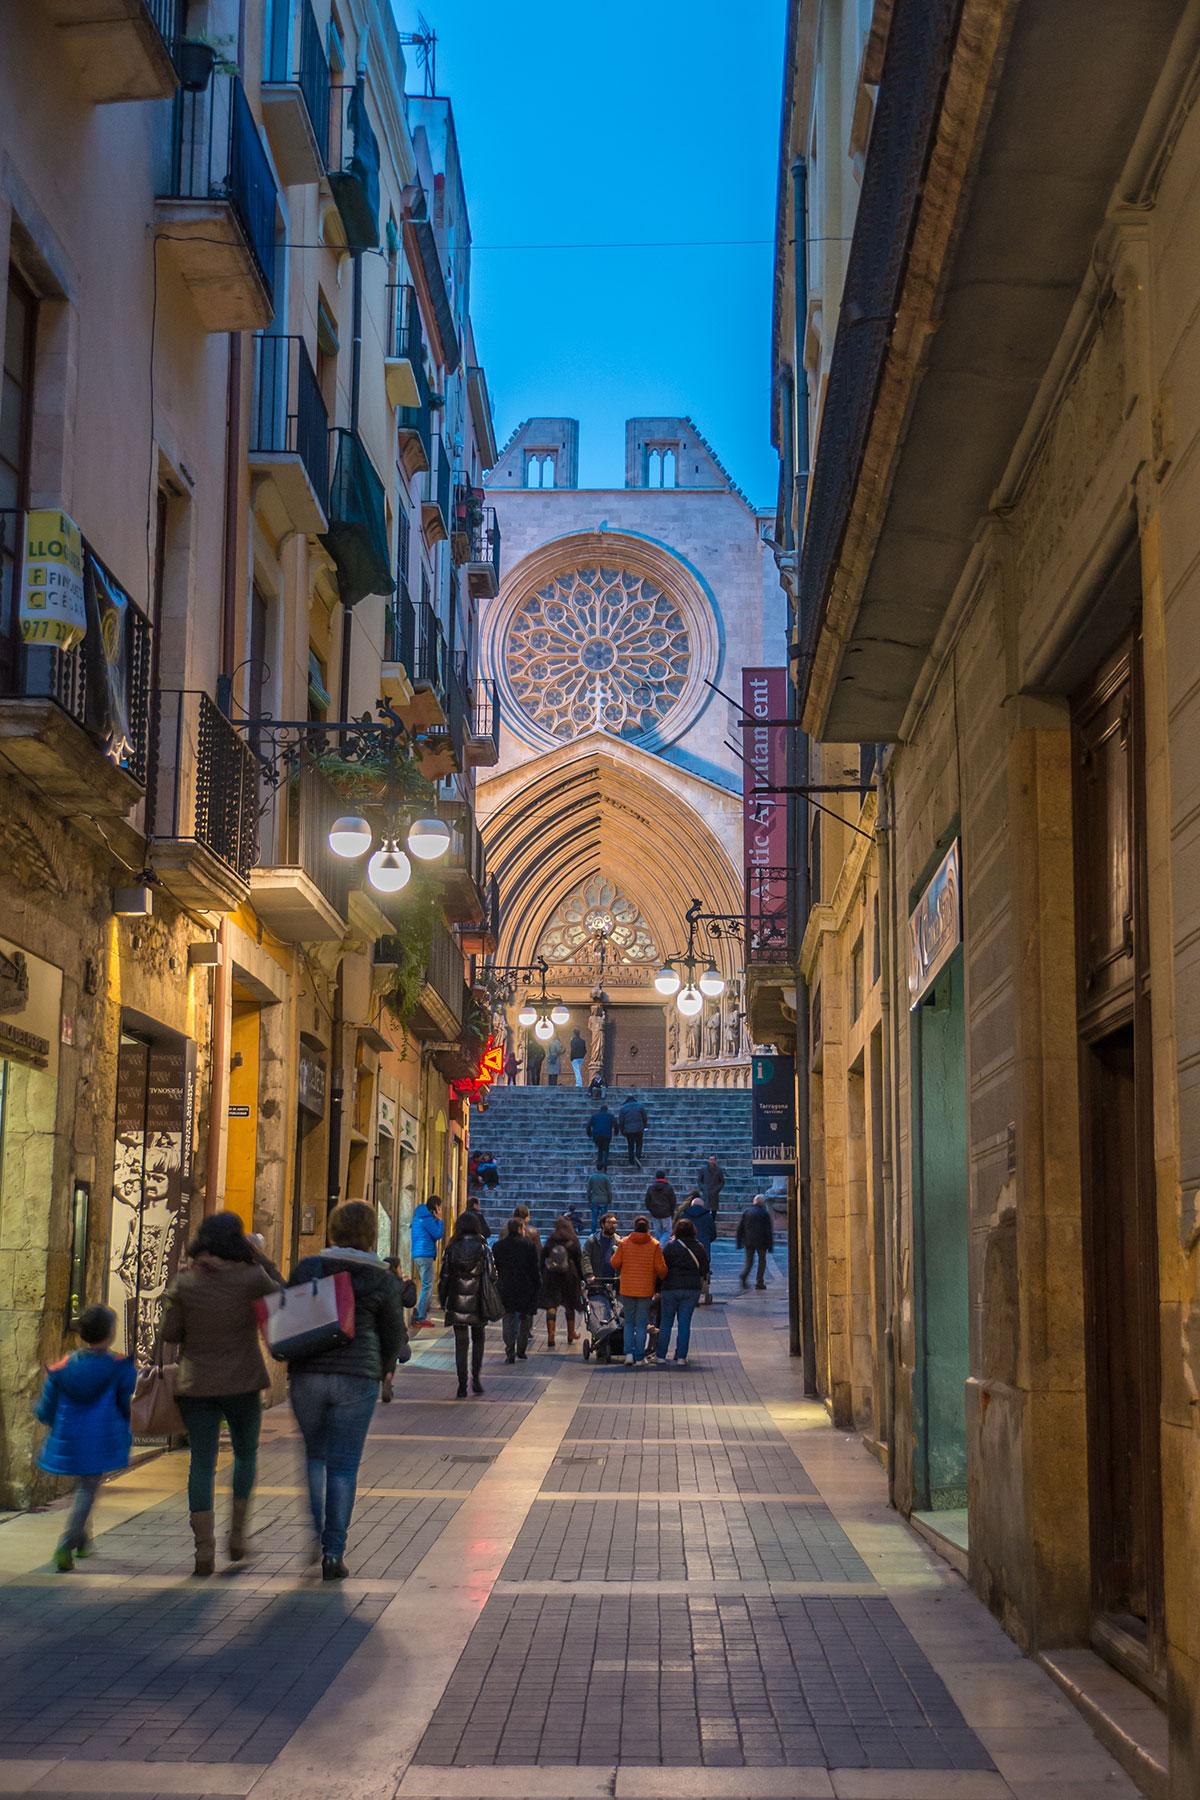 Spanien, Katalonien, Tarragona, Gassen Durchblick auf Kathedrale am Abend